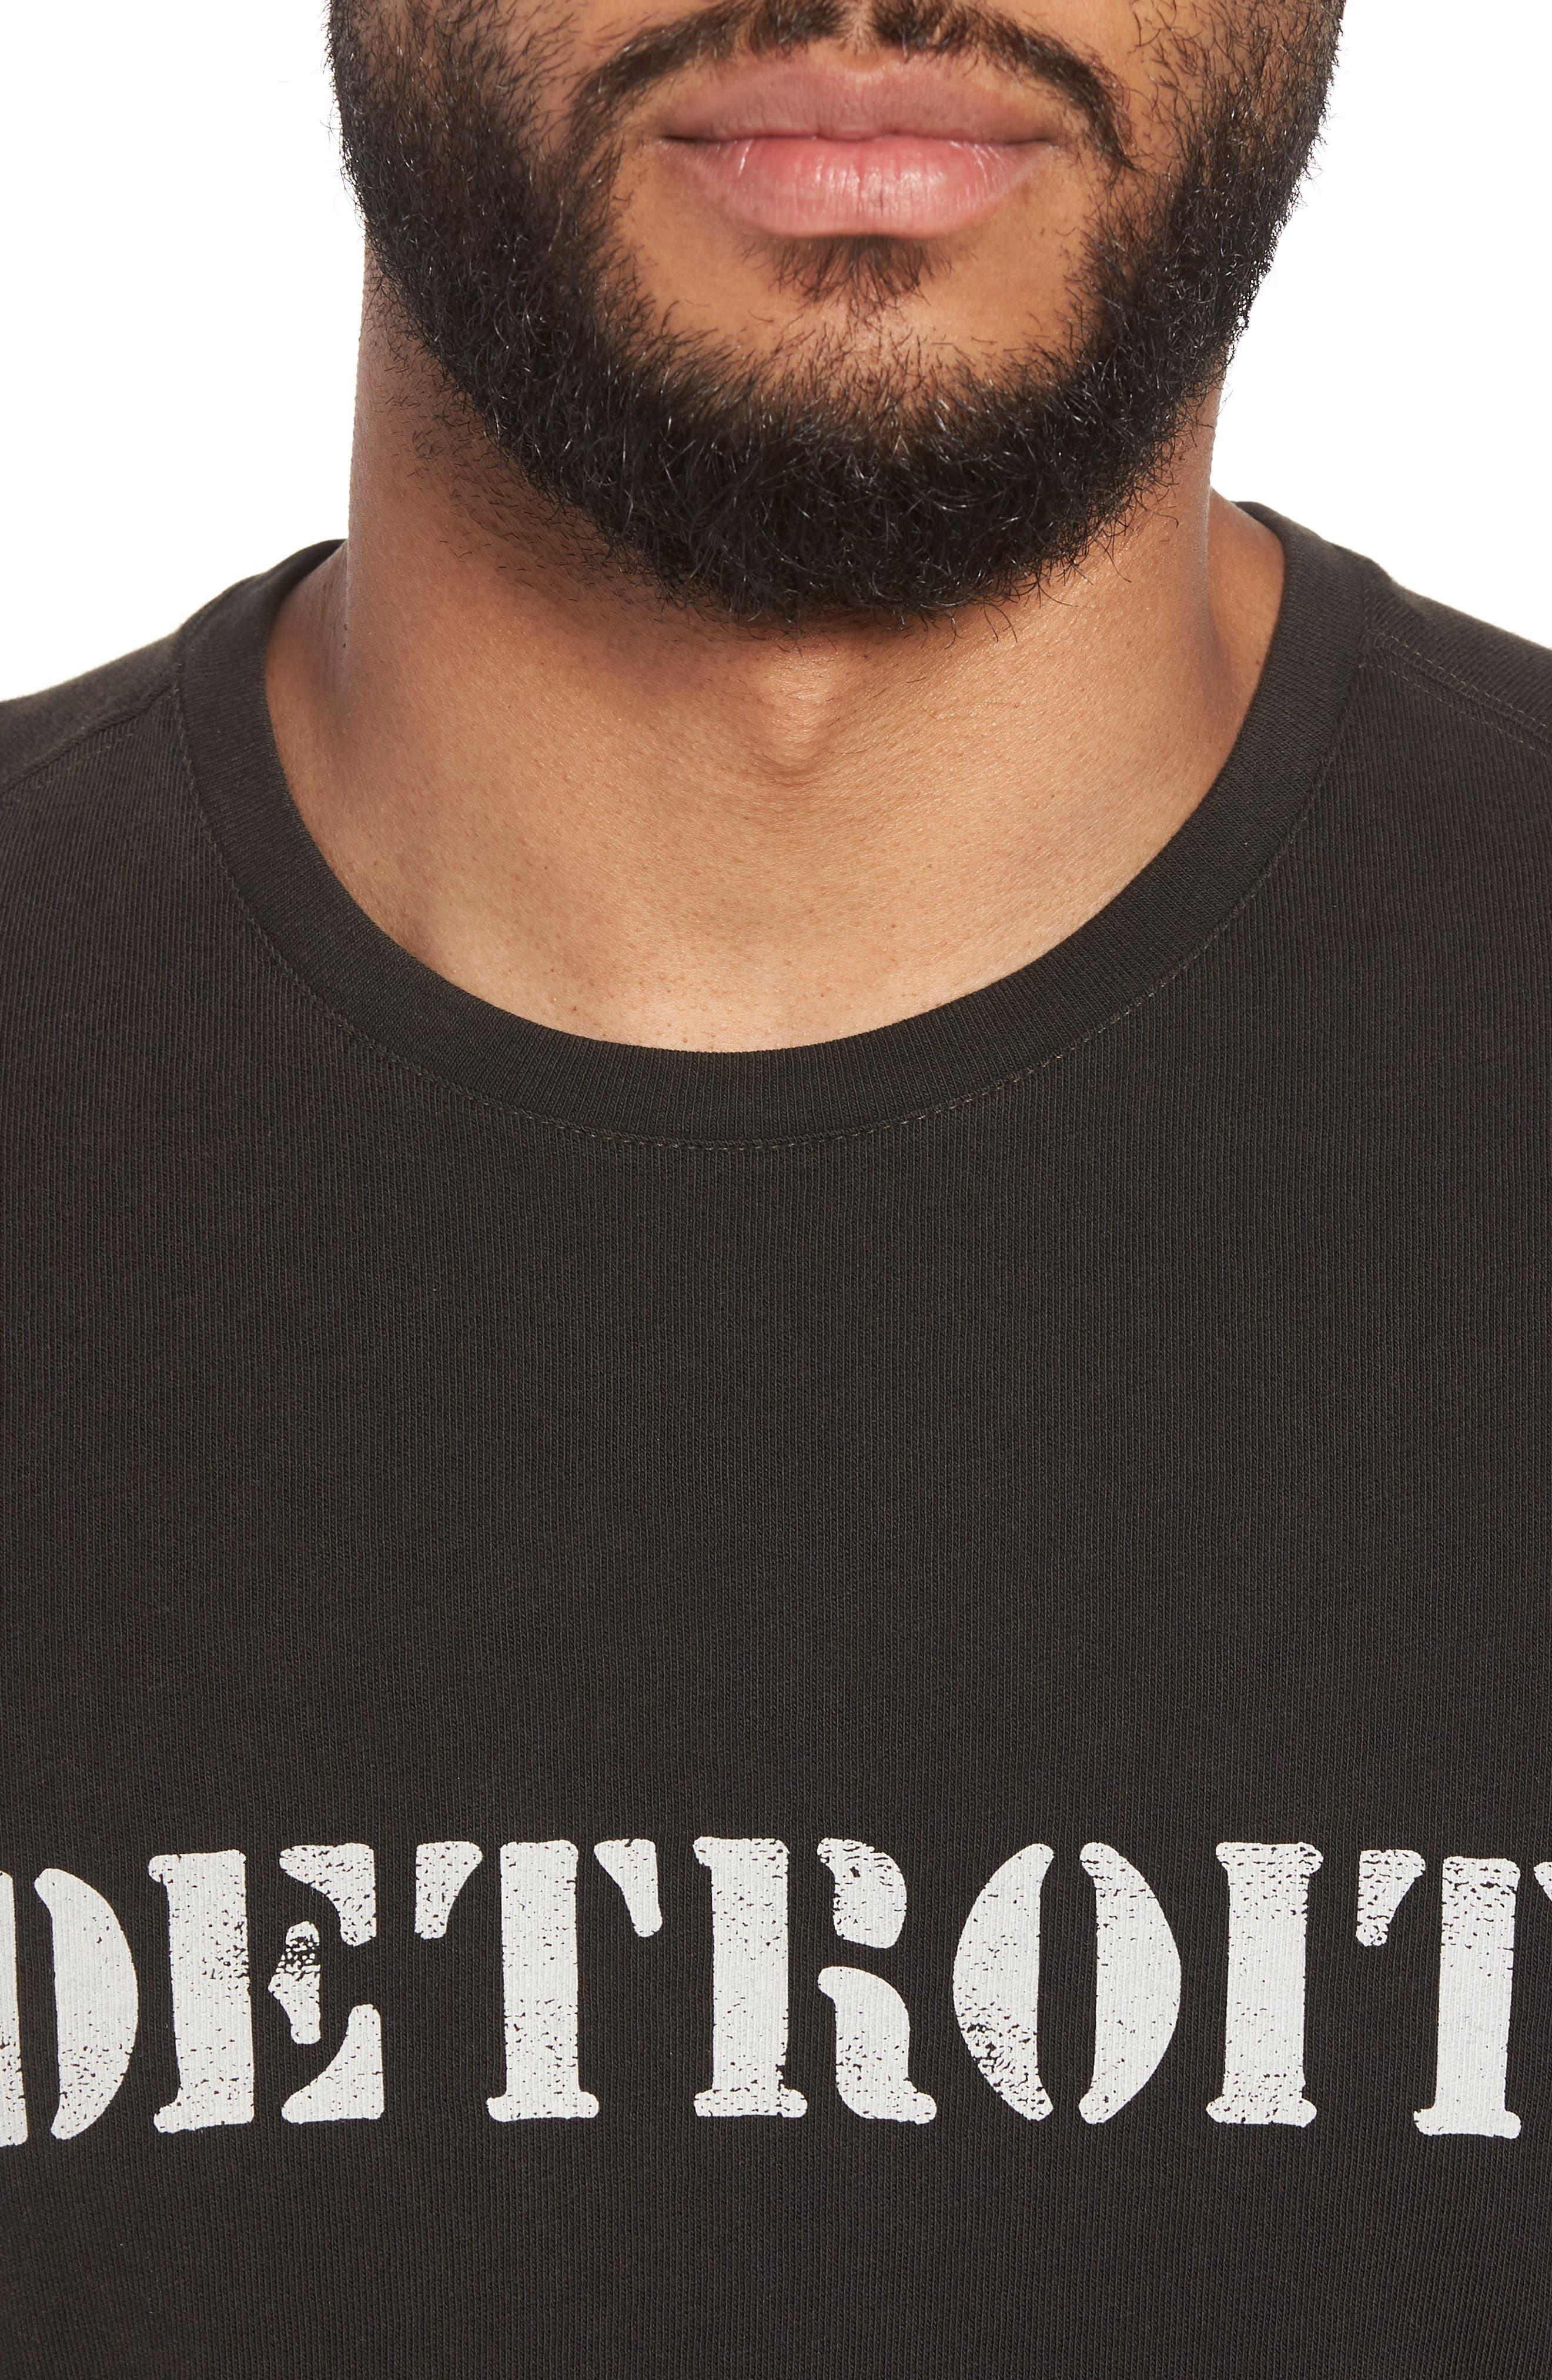 JOHN VARVATOS STAR USA,                             John Varvatos x Nick Jonas Rock City Graphic T-Shirt,                             Alternate thumbnail 4, color,                             001